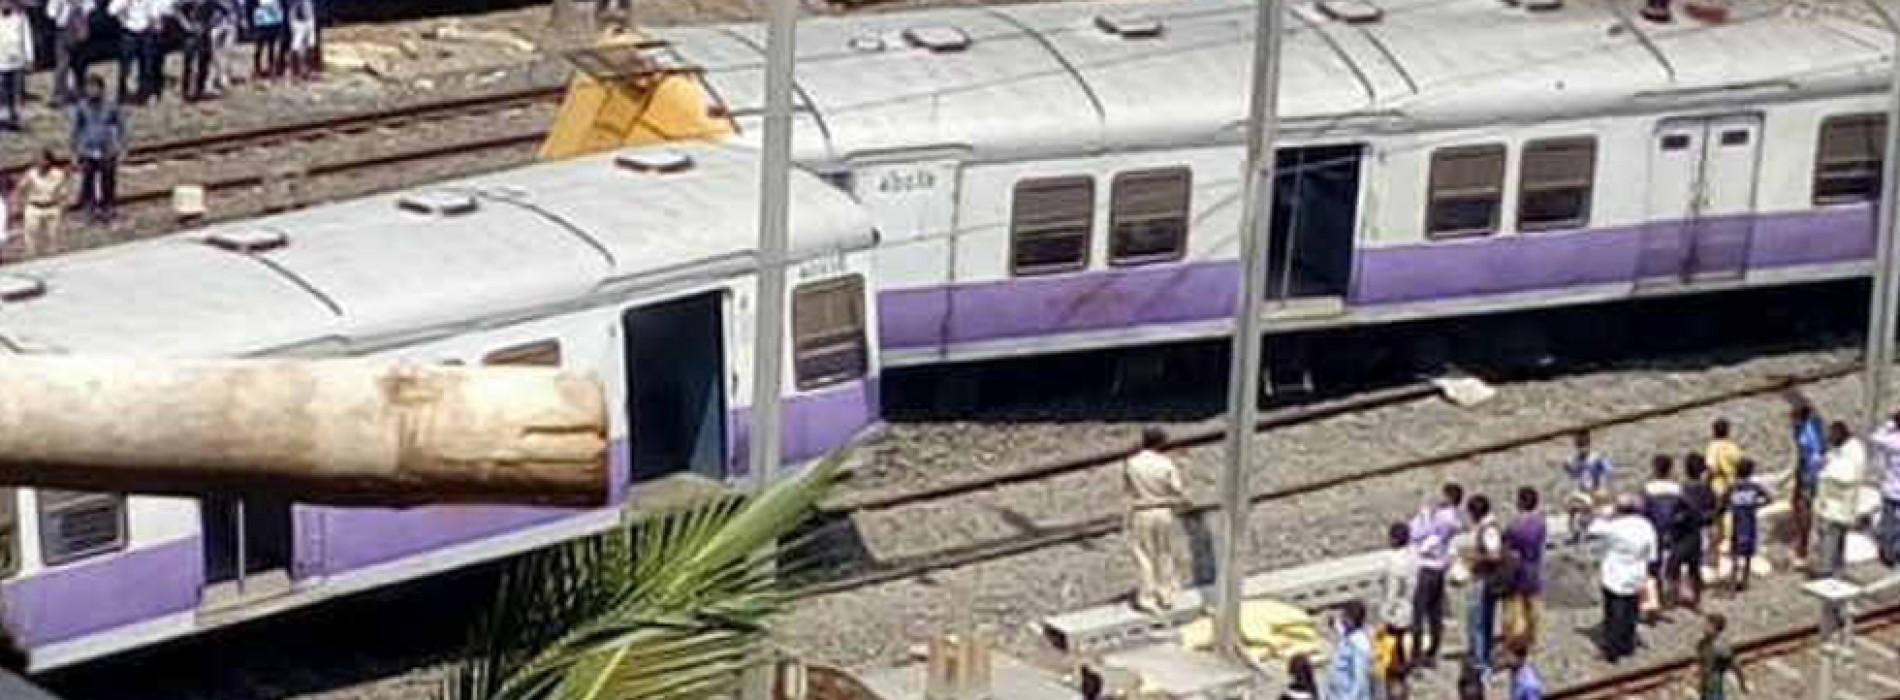 6 coaches of Mumbai local train derails, 5 injured